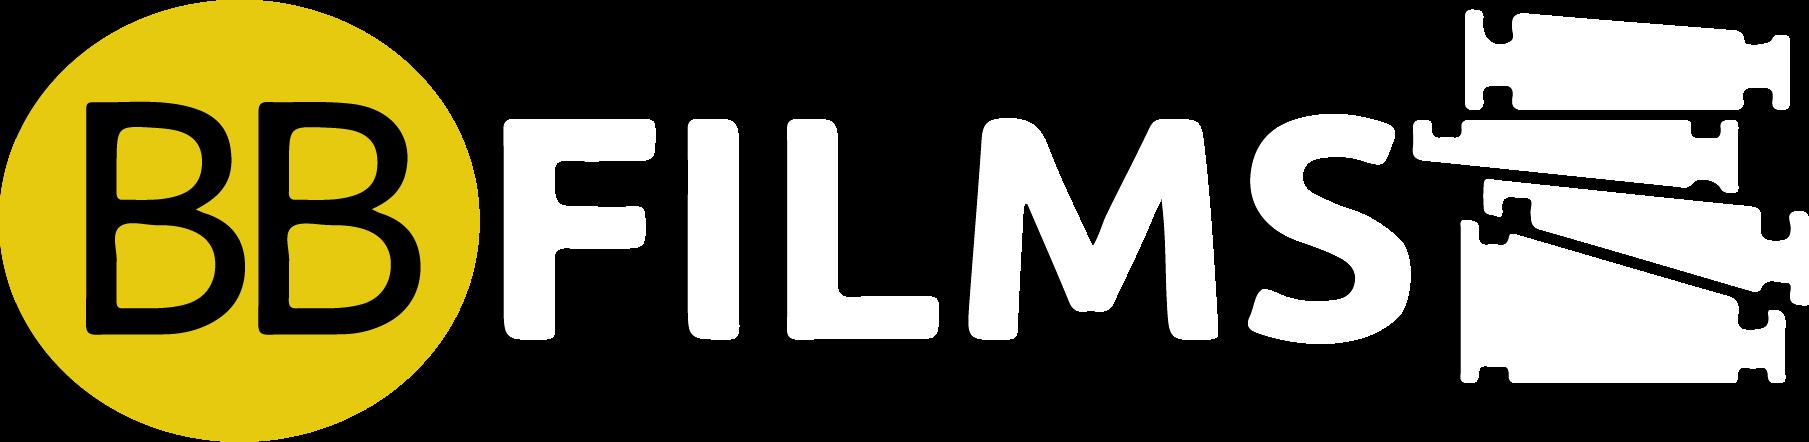 BB Filmers